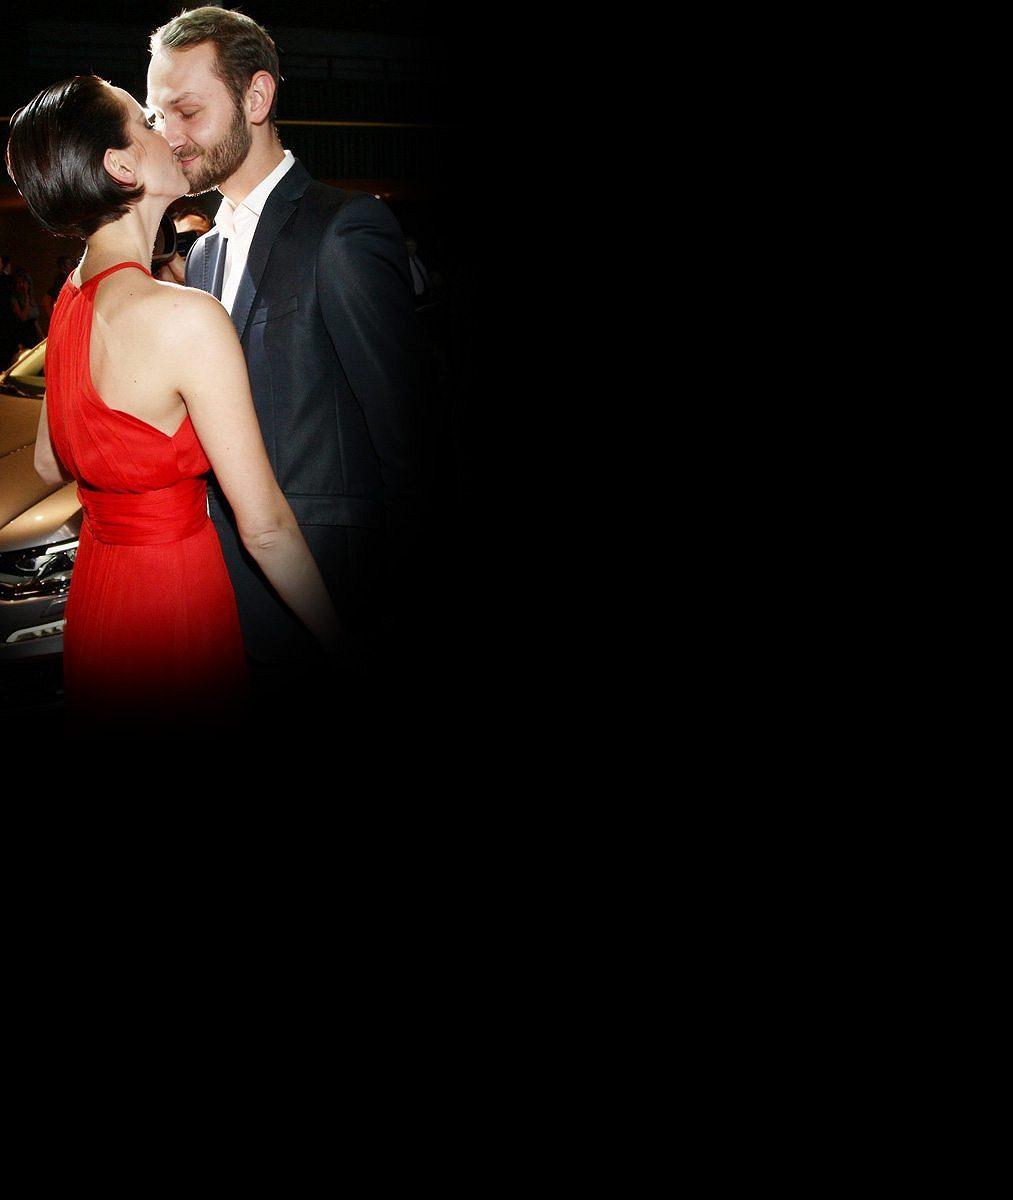 Tenhle rozkošný kříženec zahřívá postel Gábině Kratochvílové: Dalším krokem v manželství bude miminko